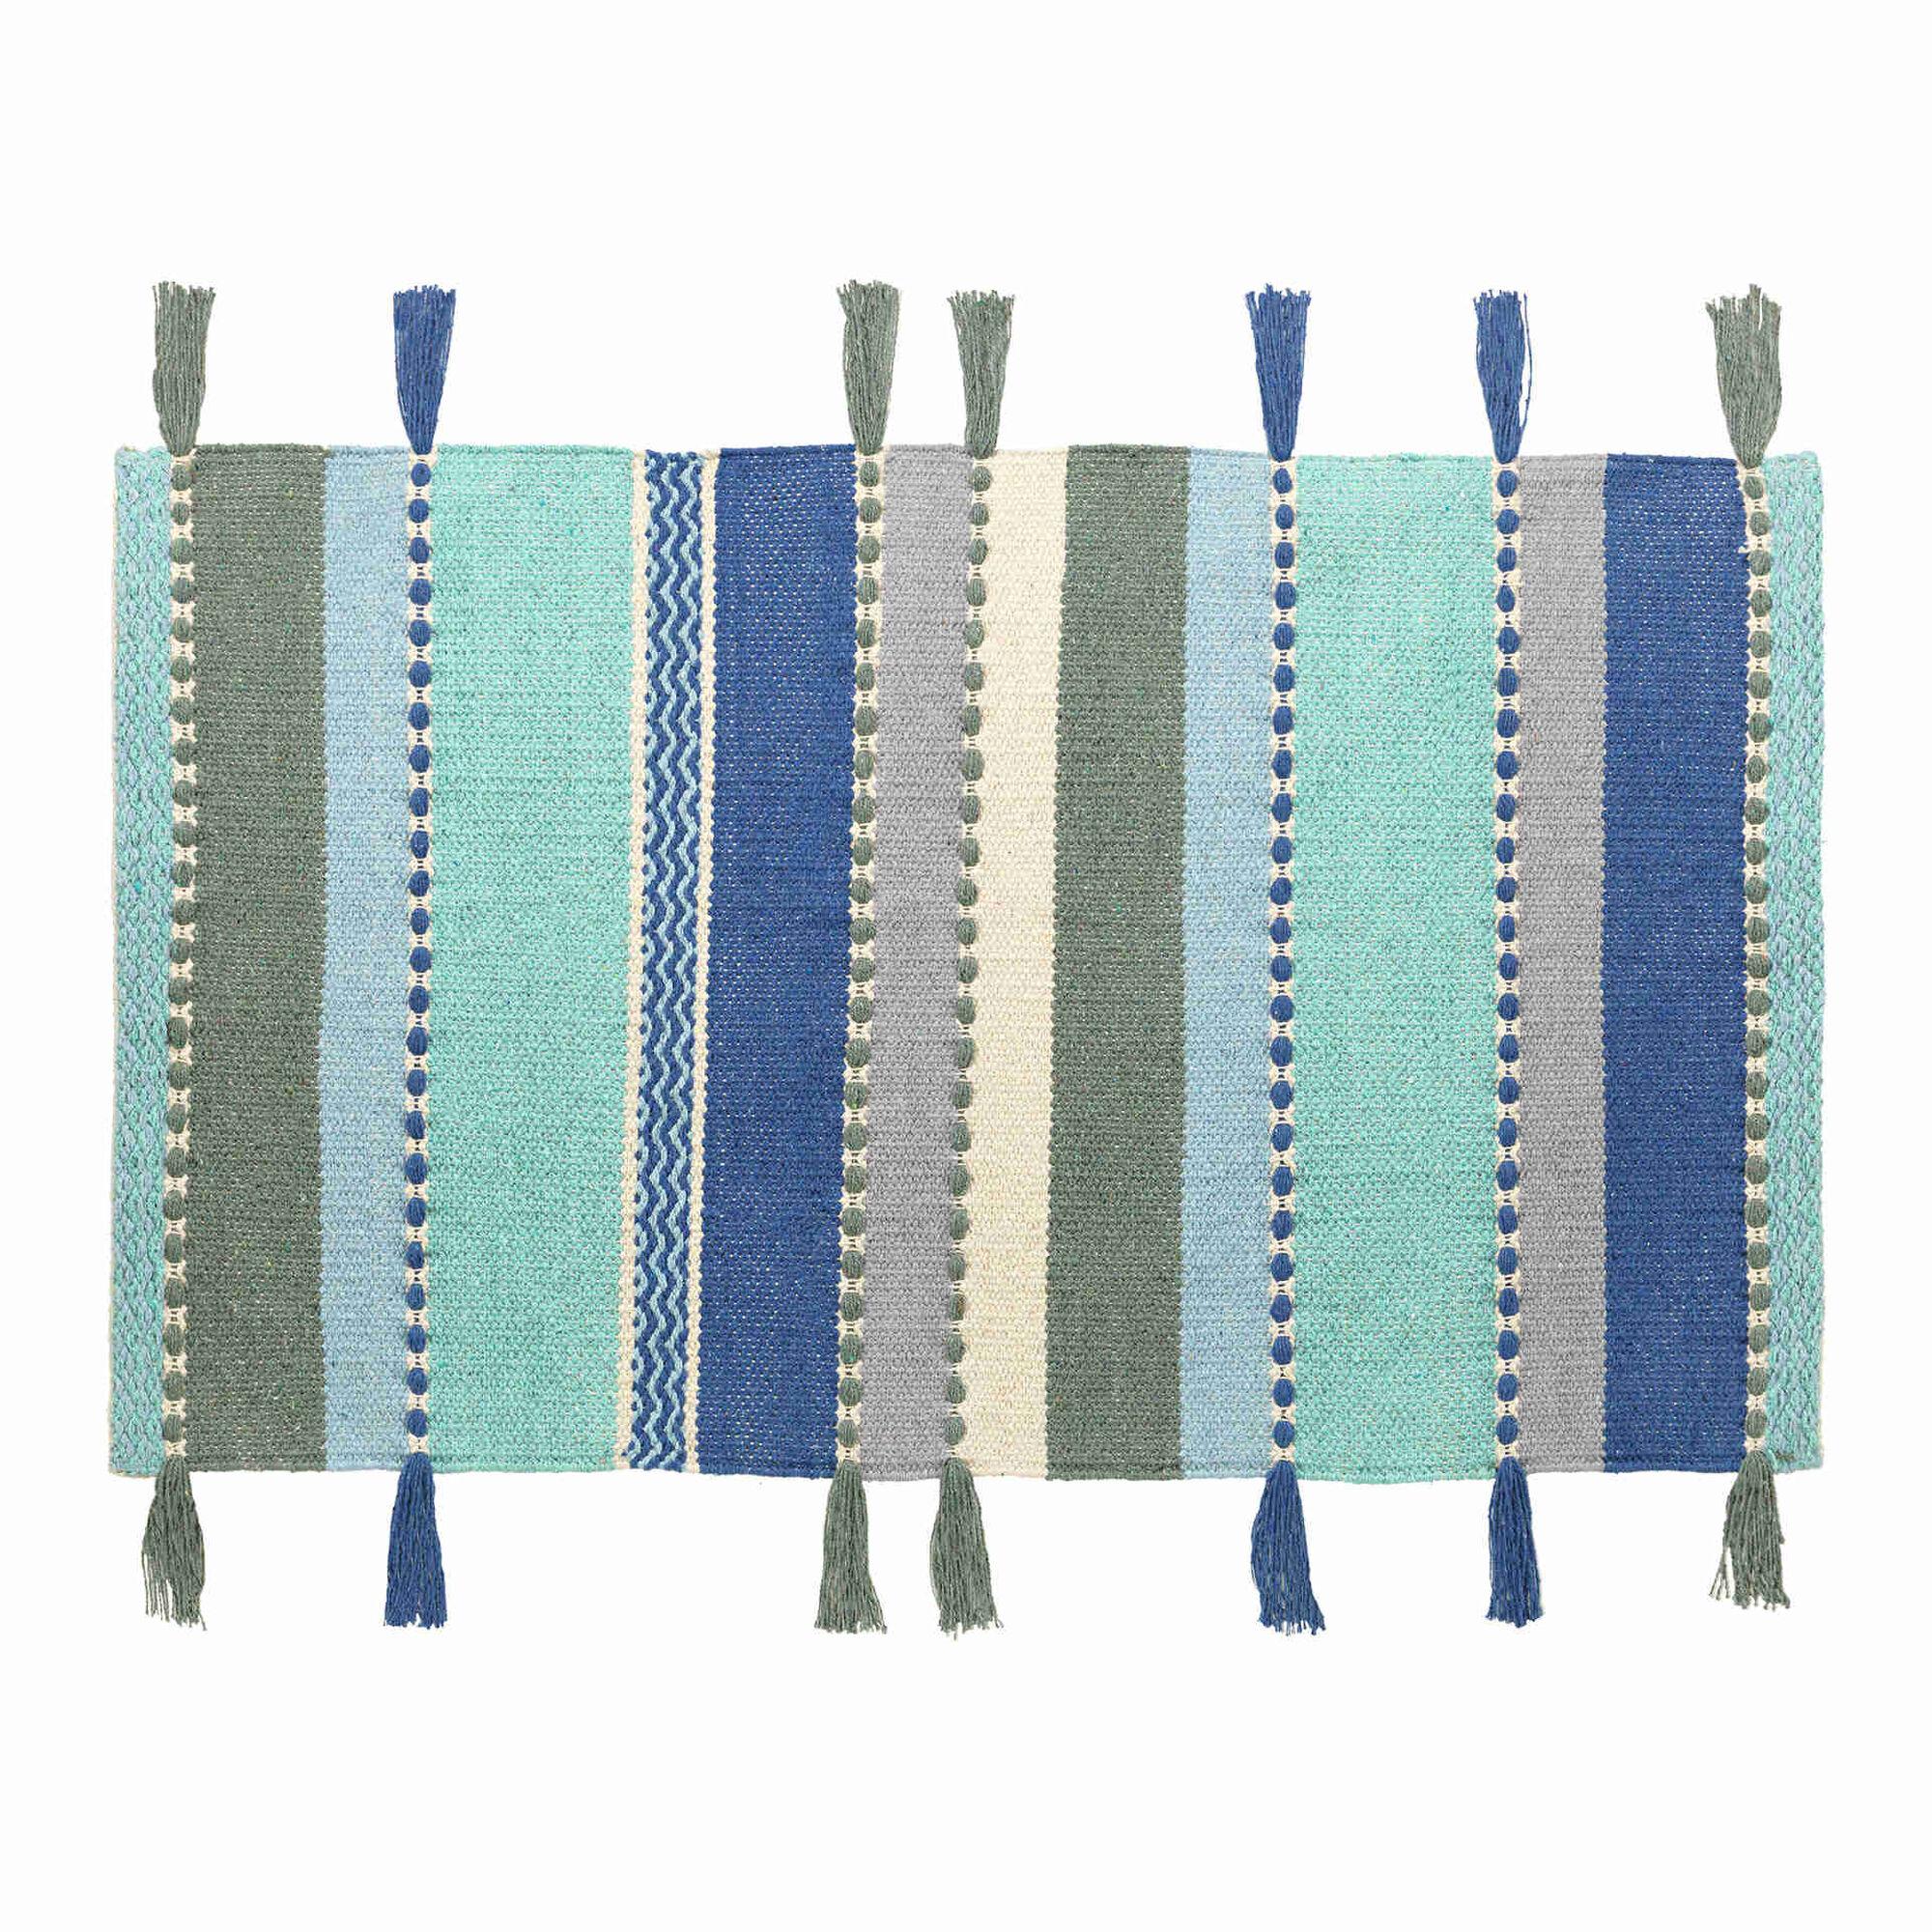 Tapete Franjas Algodão 60x90cm Riscas Coloridas (várias cores)